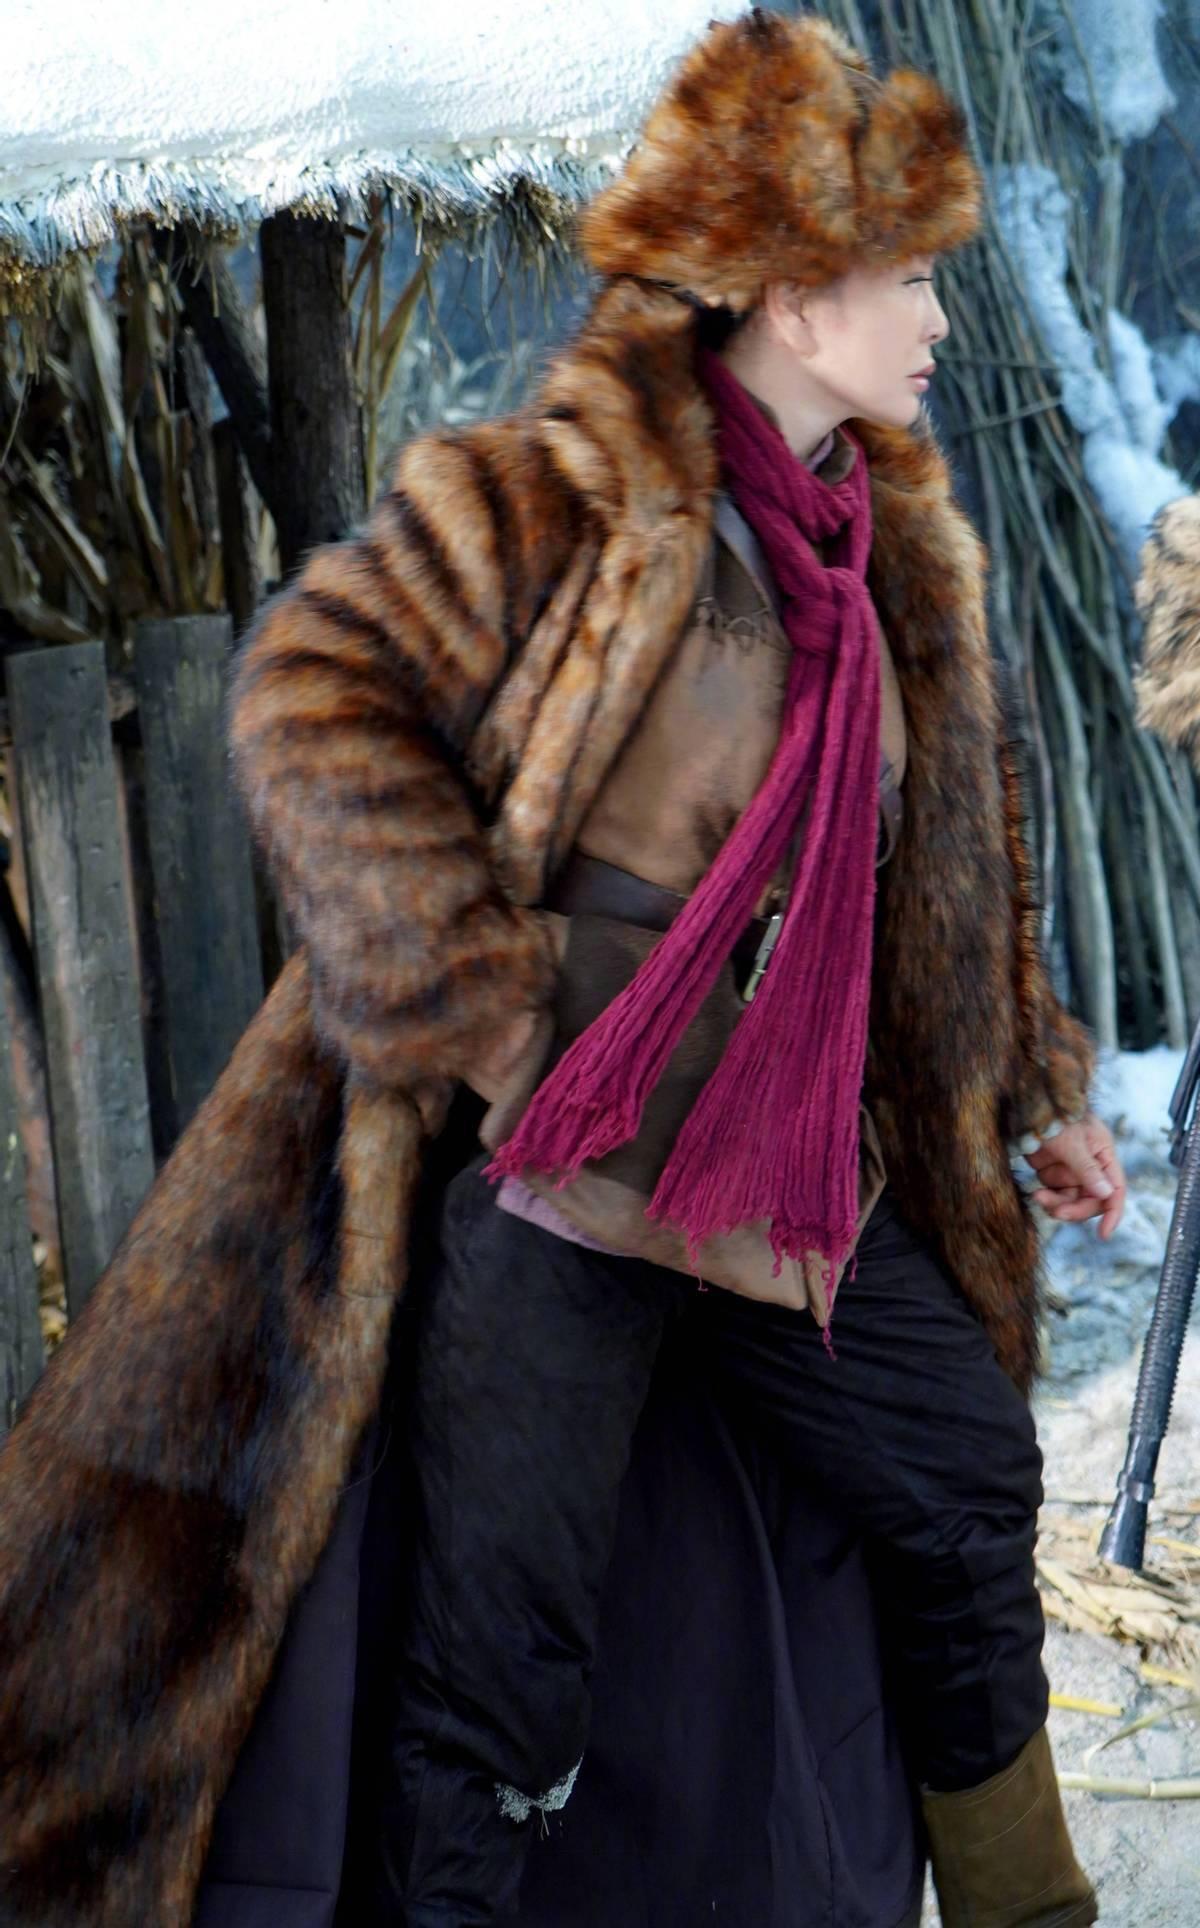 梦见朋友买貂皮大衣 梦见买黑色貂皮大衣